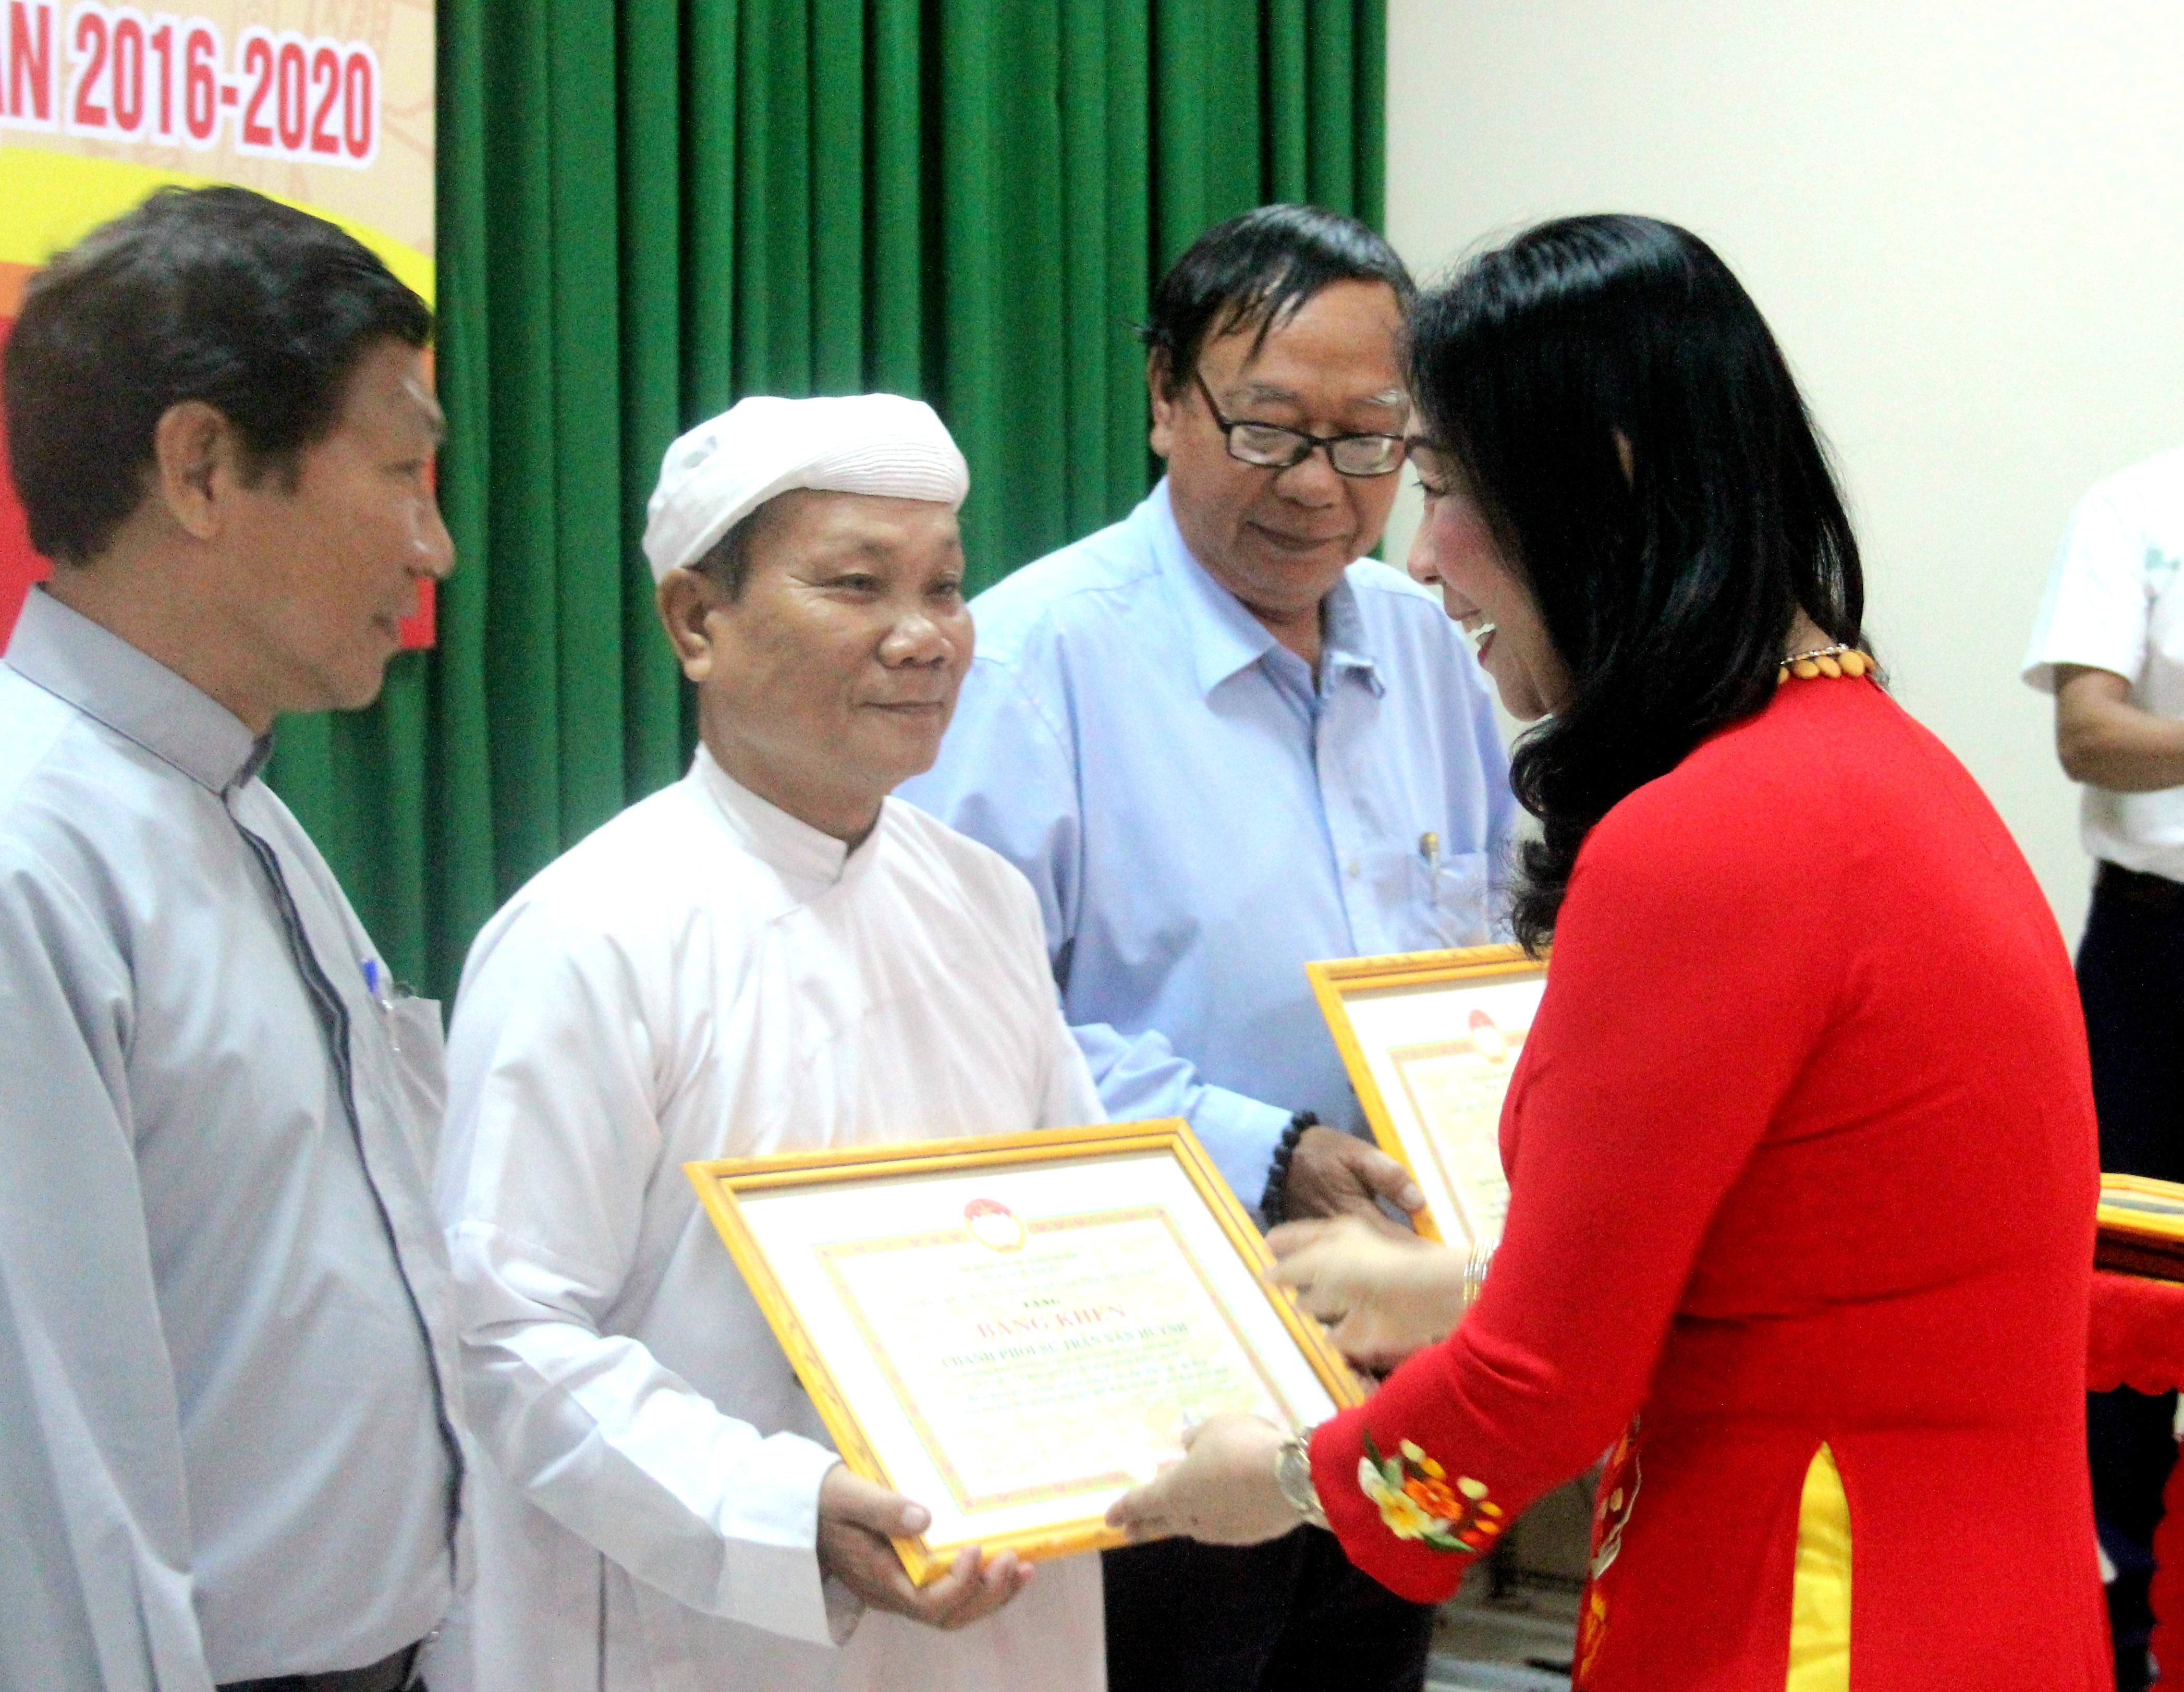 Bà Lê Thị Vệ, Chủ tịch Ủy ban MTTQ Việt Nam tỉnh Kiên Giang trao bằng khencho các vị chức sắc, tôn giáo trong tỉnh Kiên Giang.